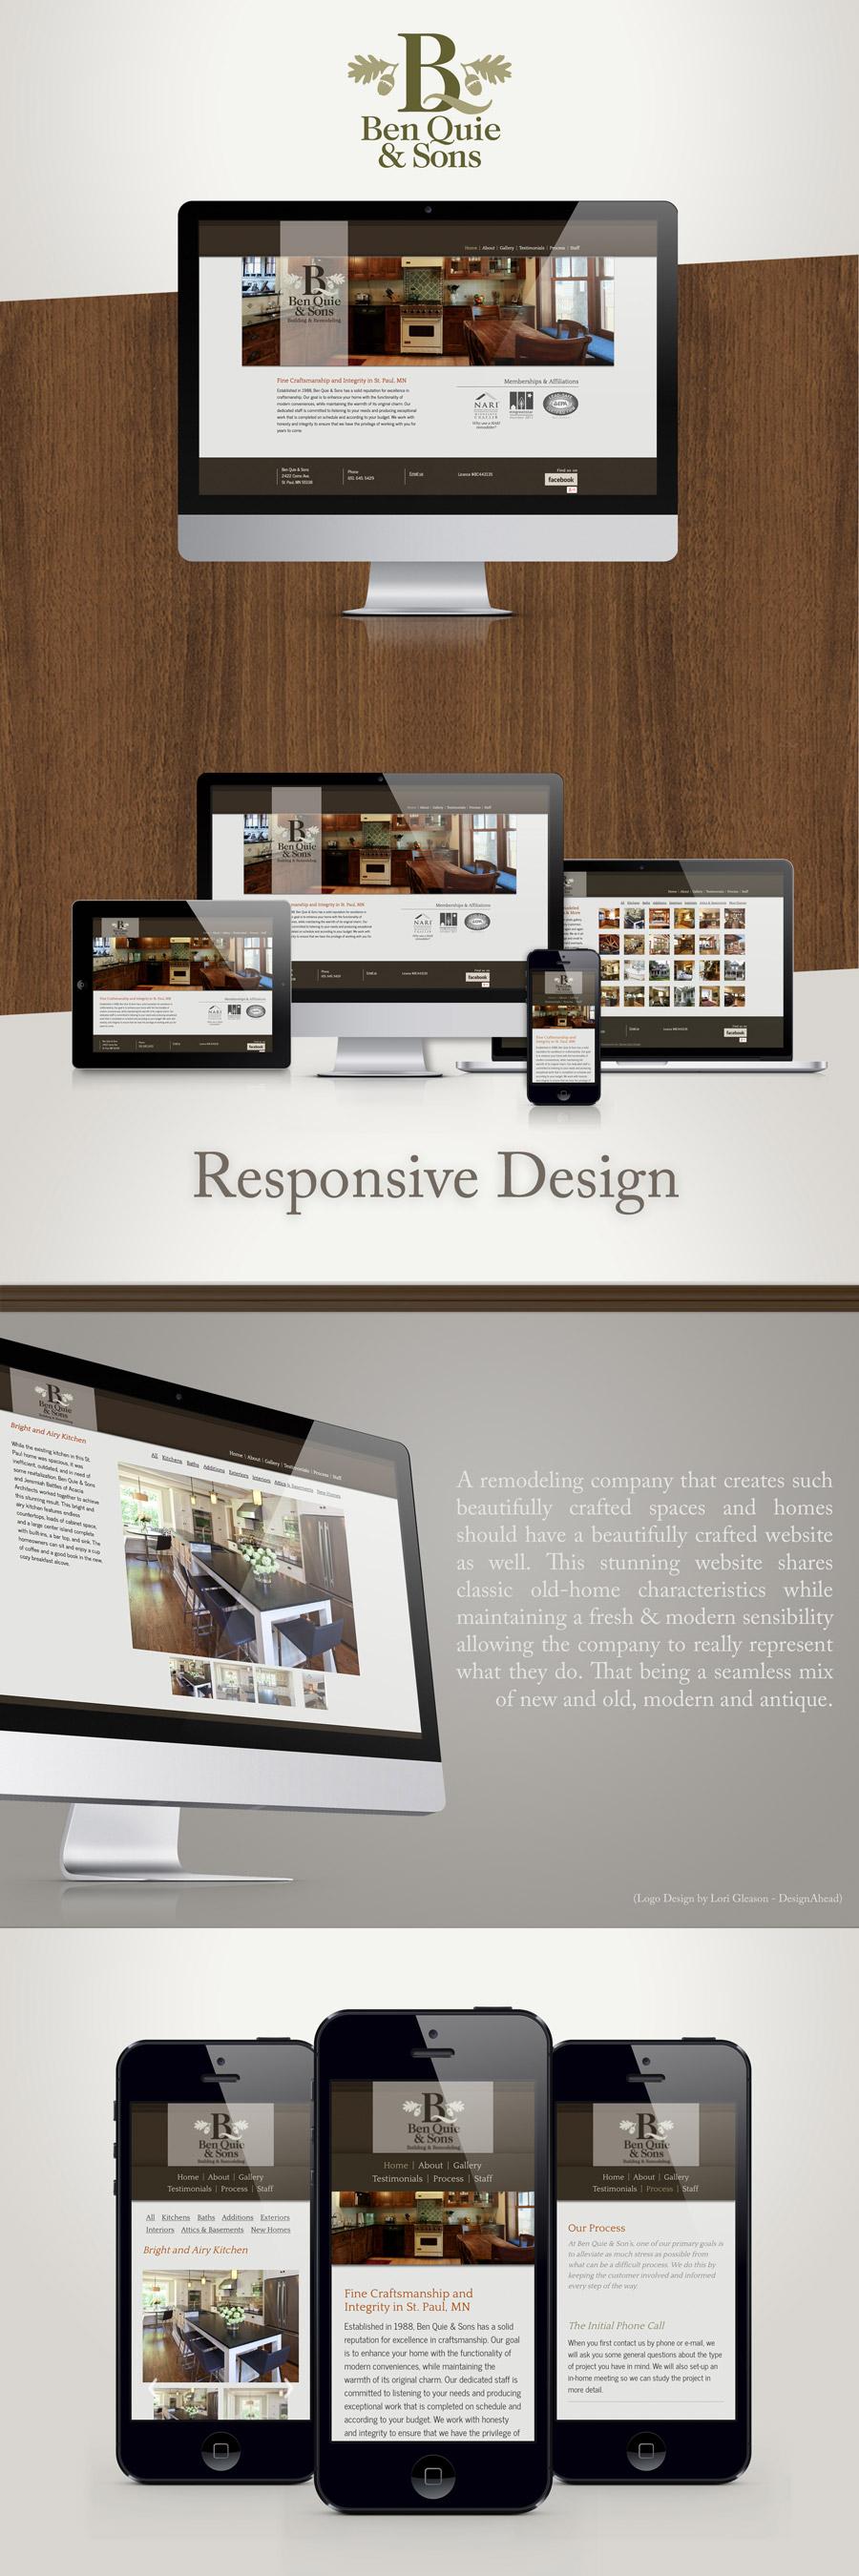 BQS-site-display